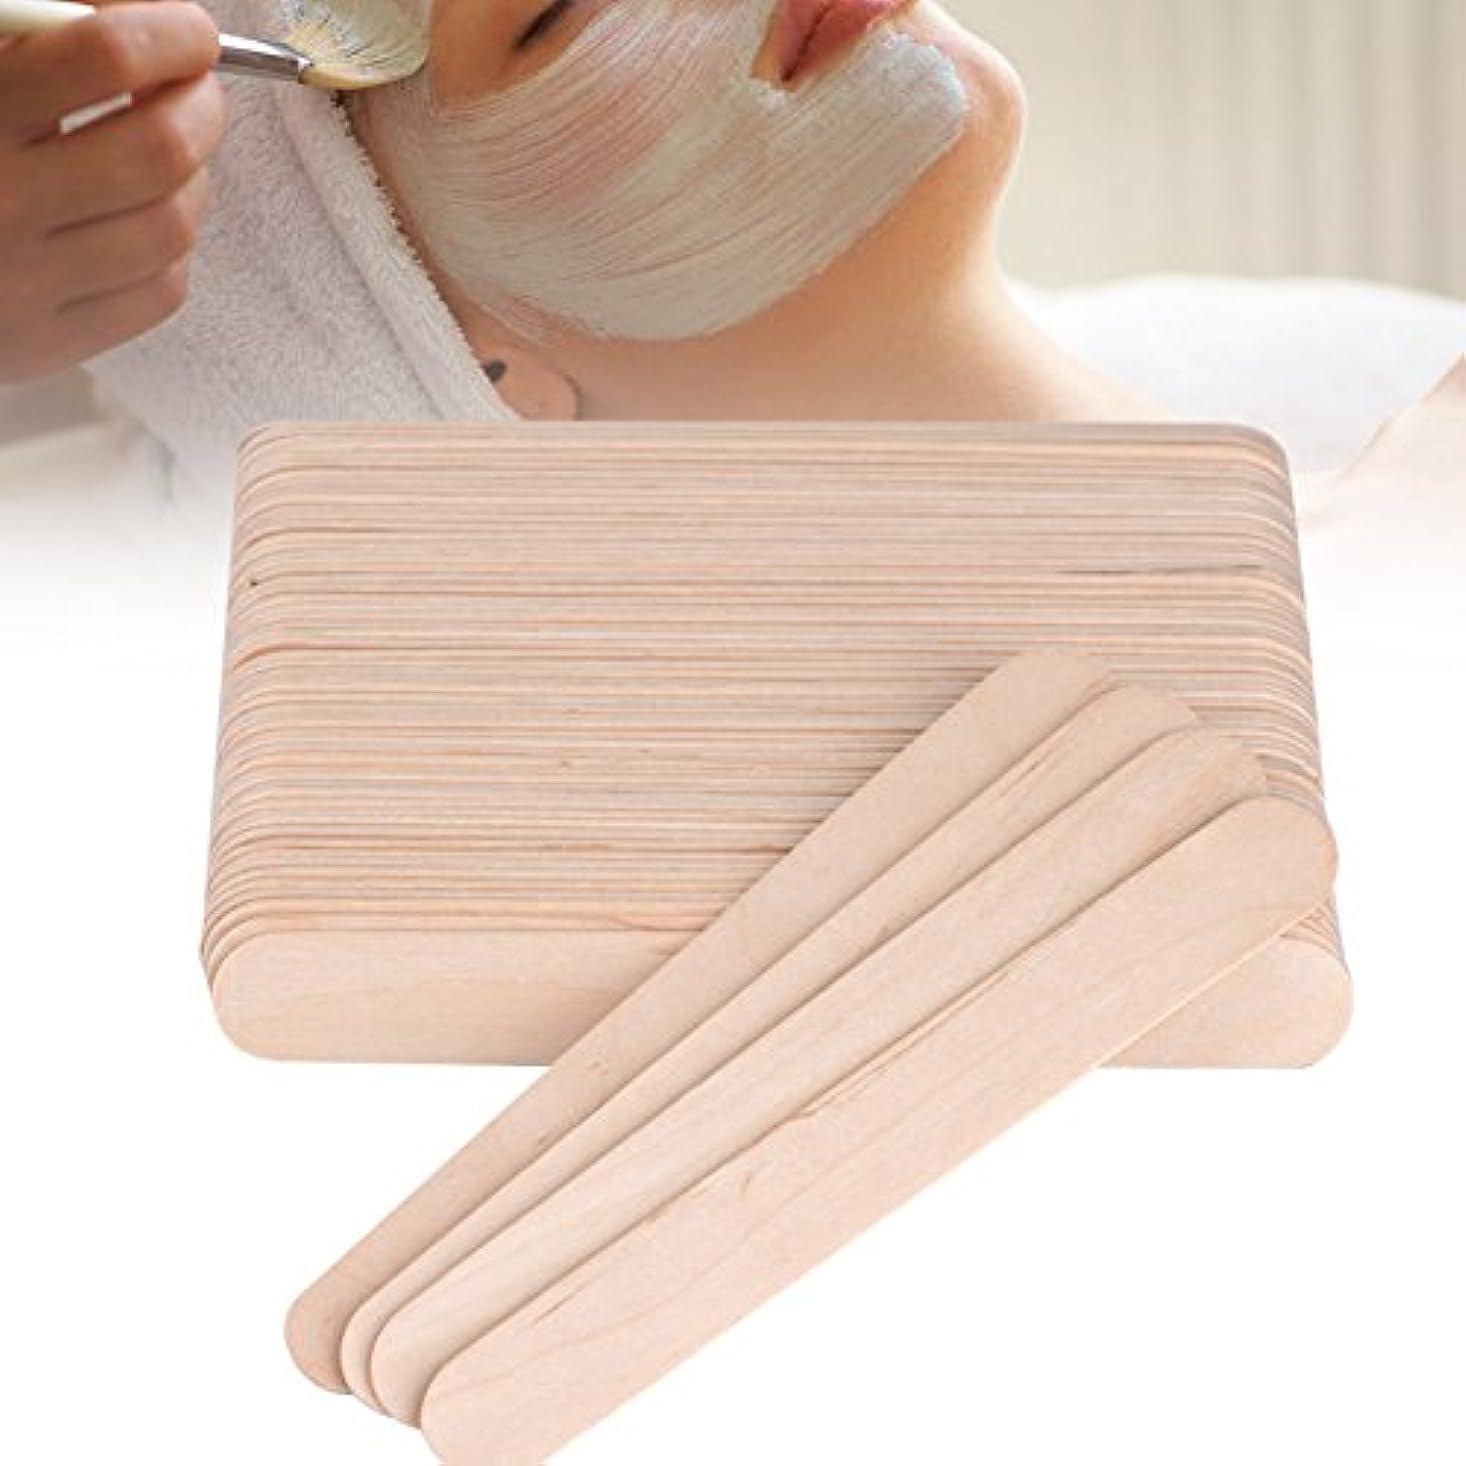 レビュー連想リンケージ舌圧子ワックススティックスパチュラアプリケーター木製スパチュラ使い捨て業務用木製 100PCS /バッグ